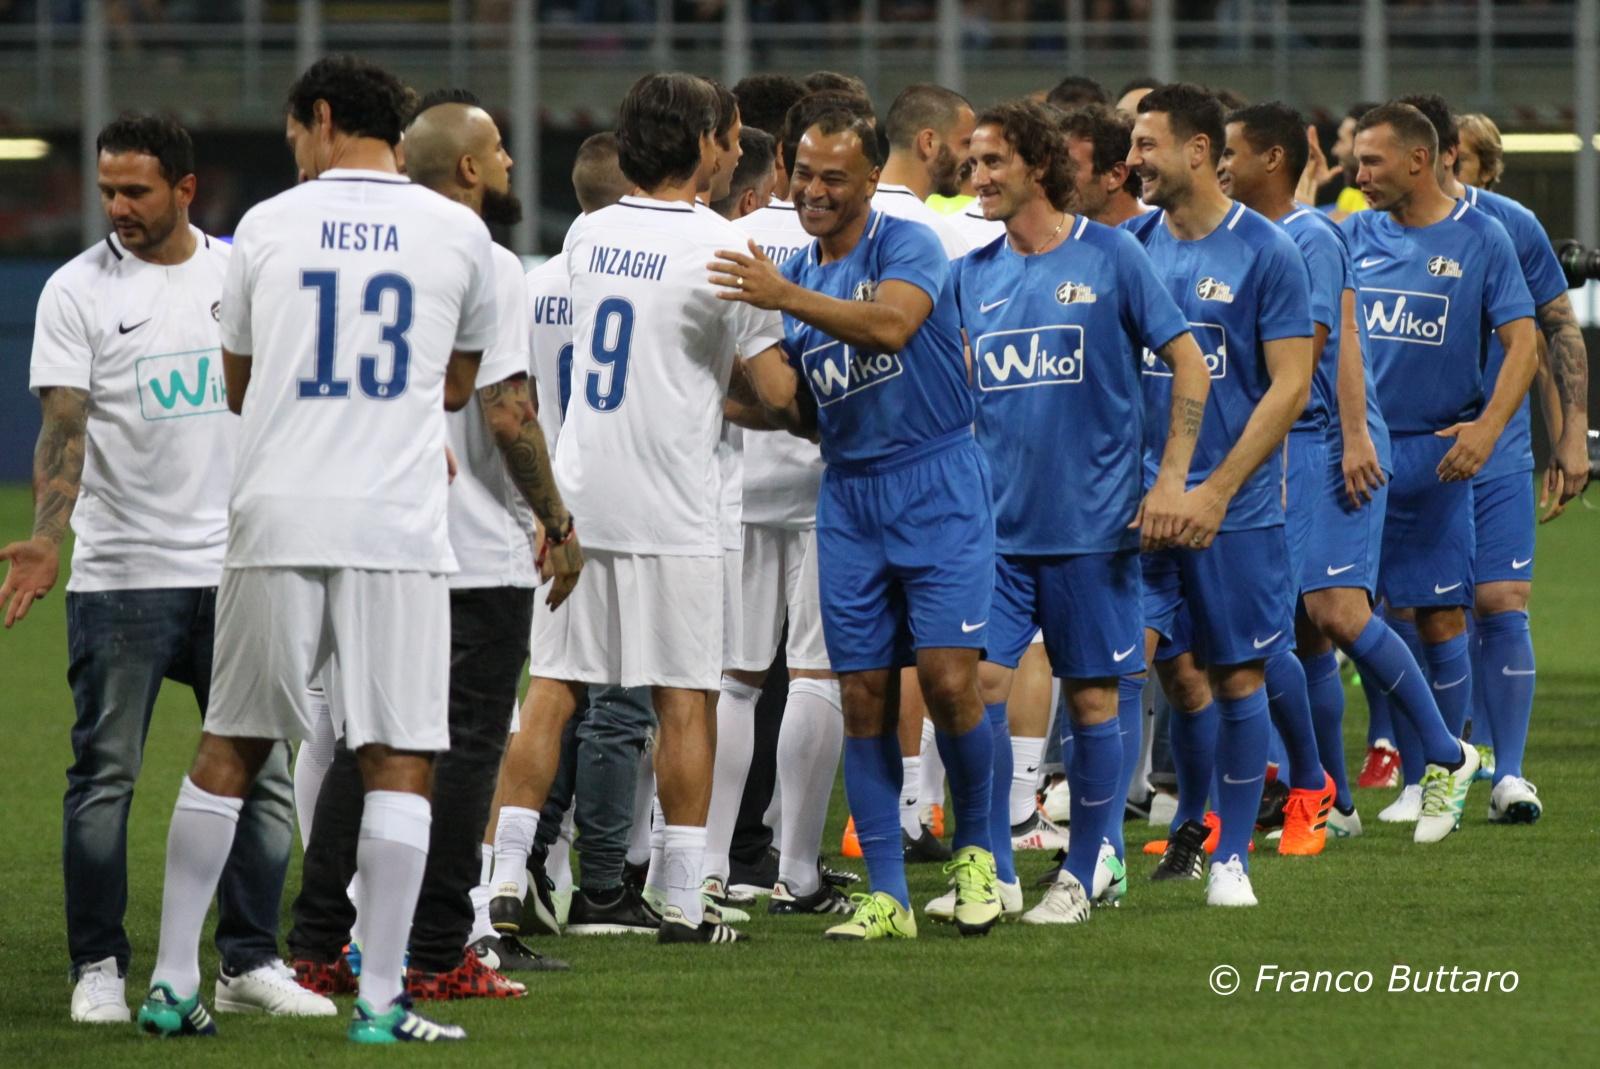 Andrea Pirlo - La notte del Maestro - Stadio San Siro Milano - 21 maggio 2018